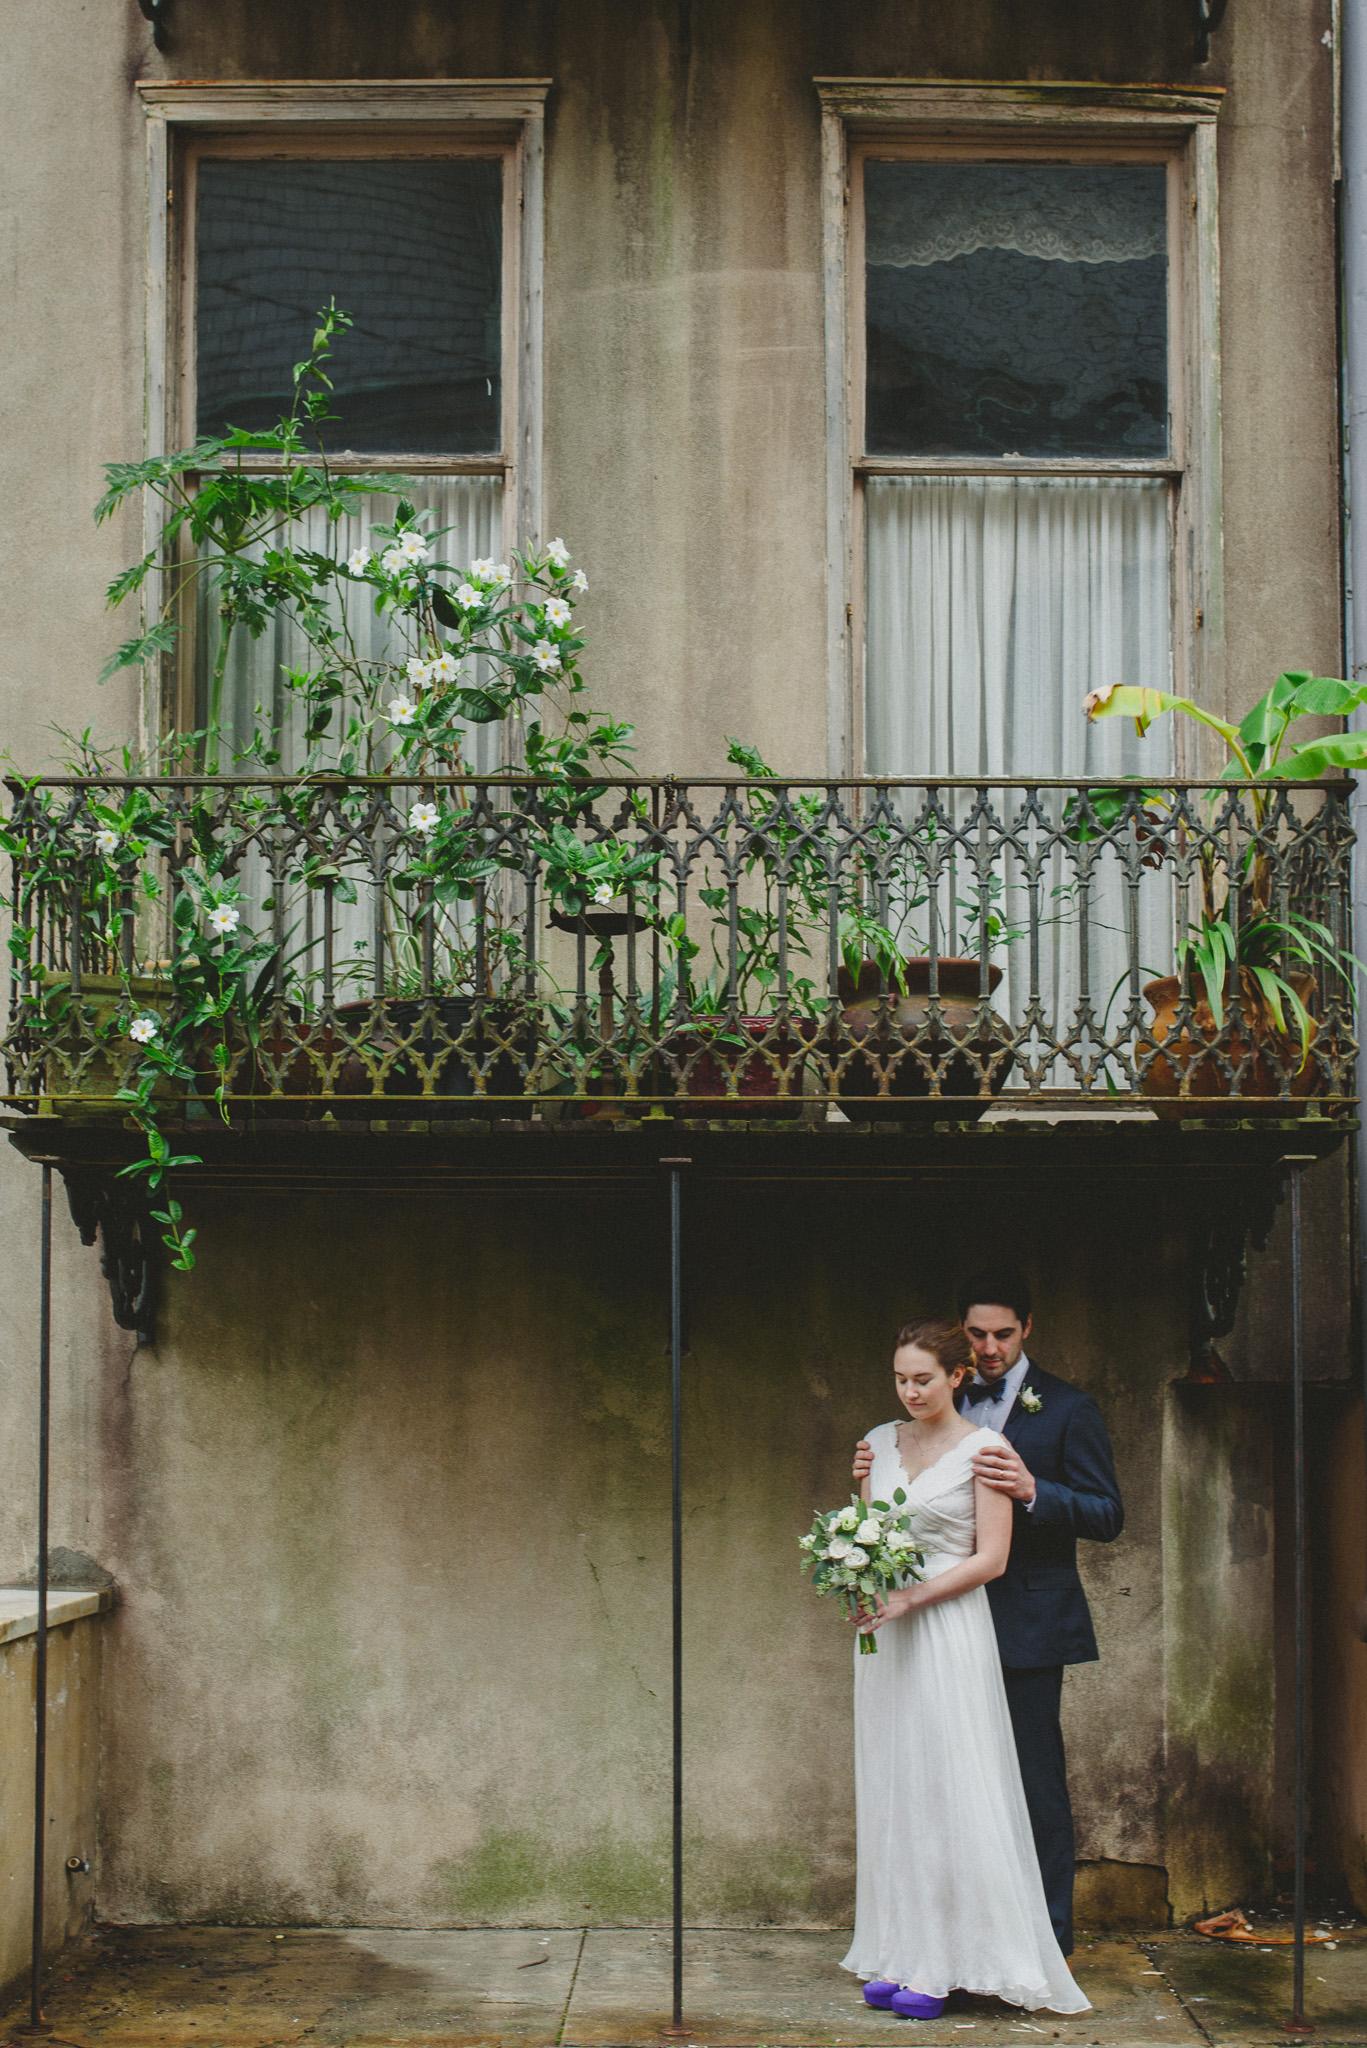 Savannah - Bride and Groom elopement